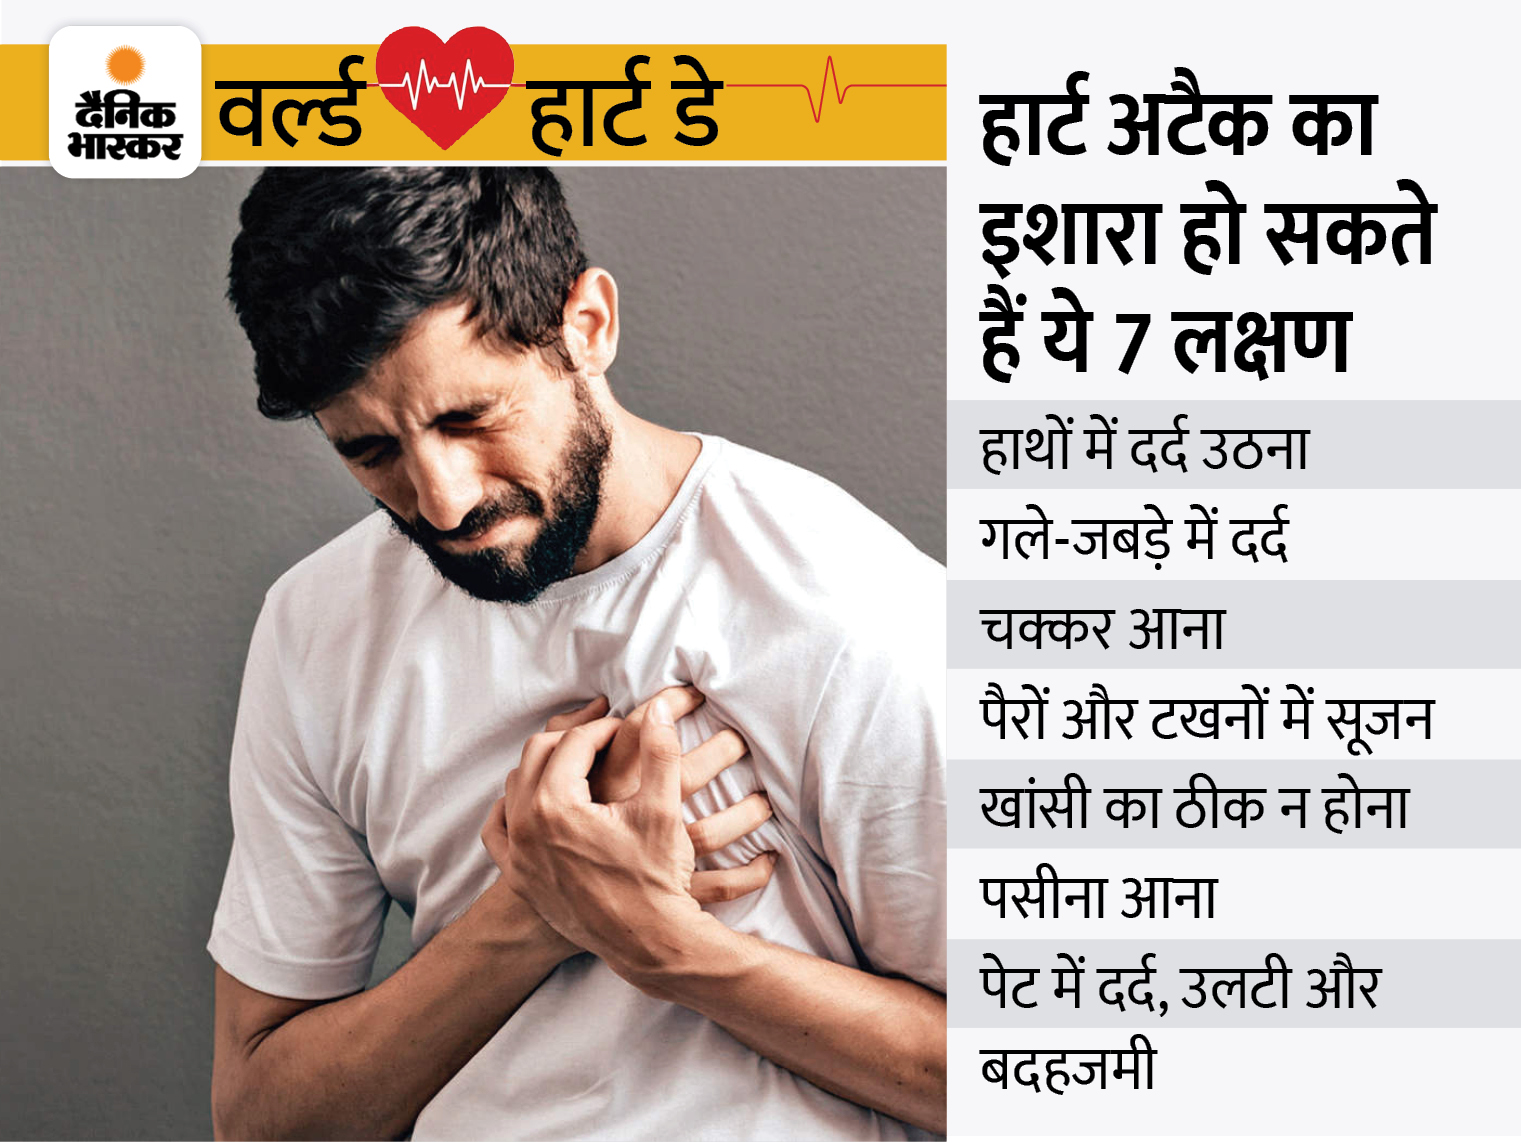 जबड़े, गले और हाथों में दर्द होना हार्ट अटैक का इशारा, पैरों में सूजन और बदहजमी होने पर भी डॉक्टरी सलाह जरूर लें|लाइफ & साइंस,Happy Life - Dainik Bhaskar